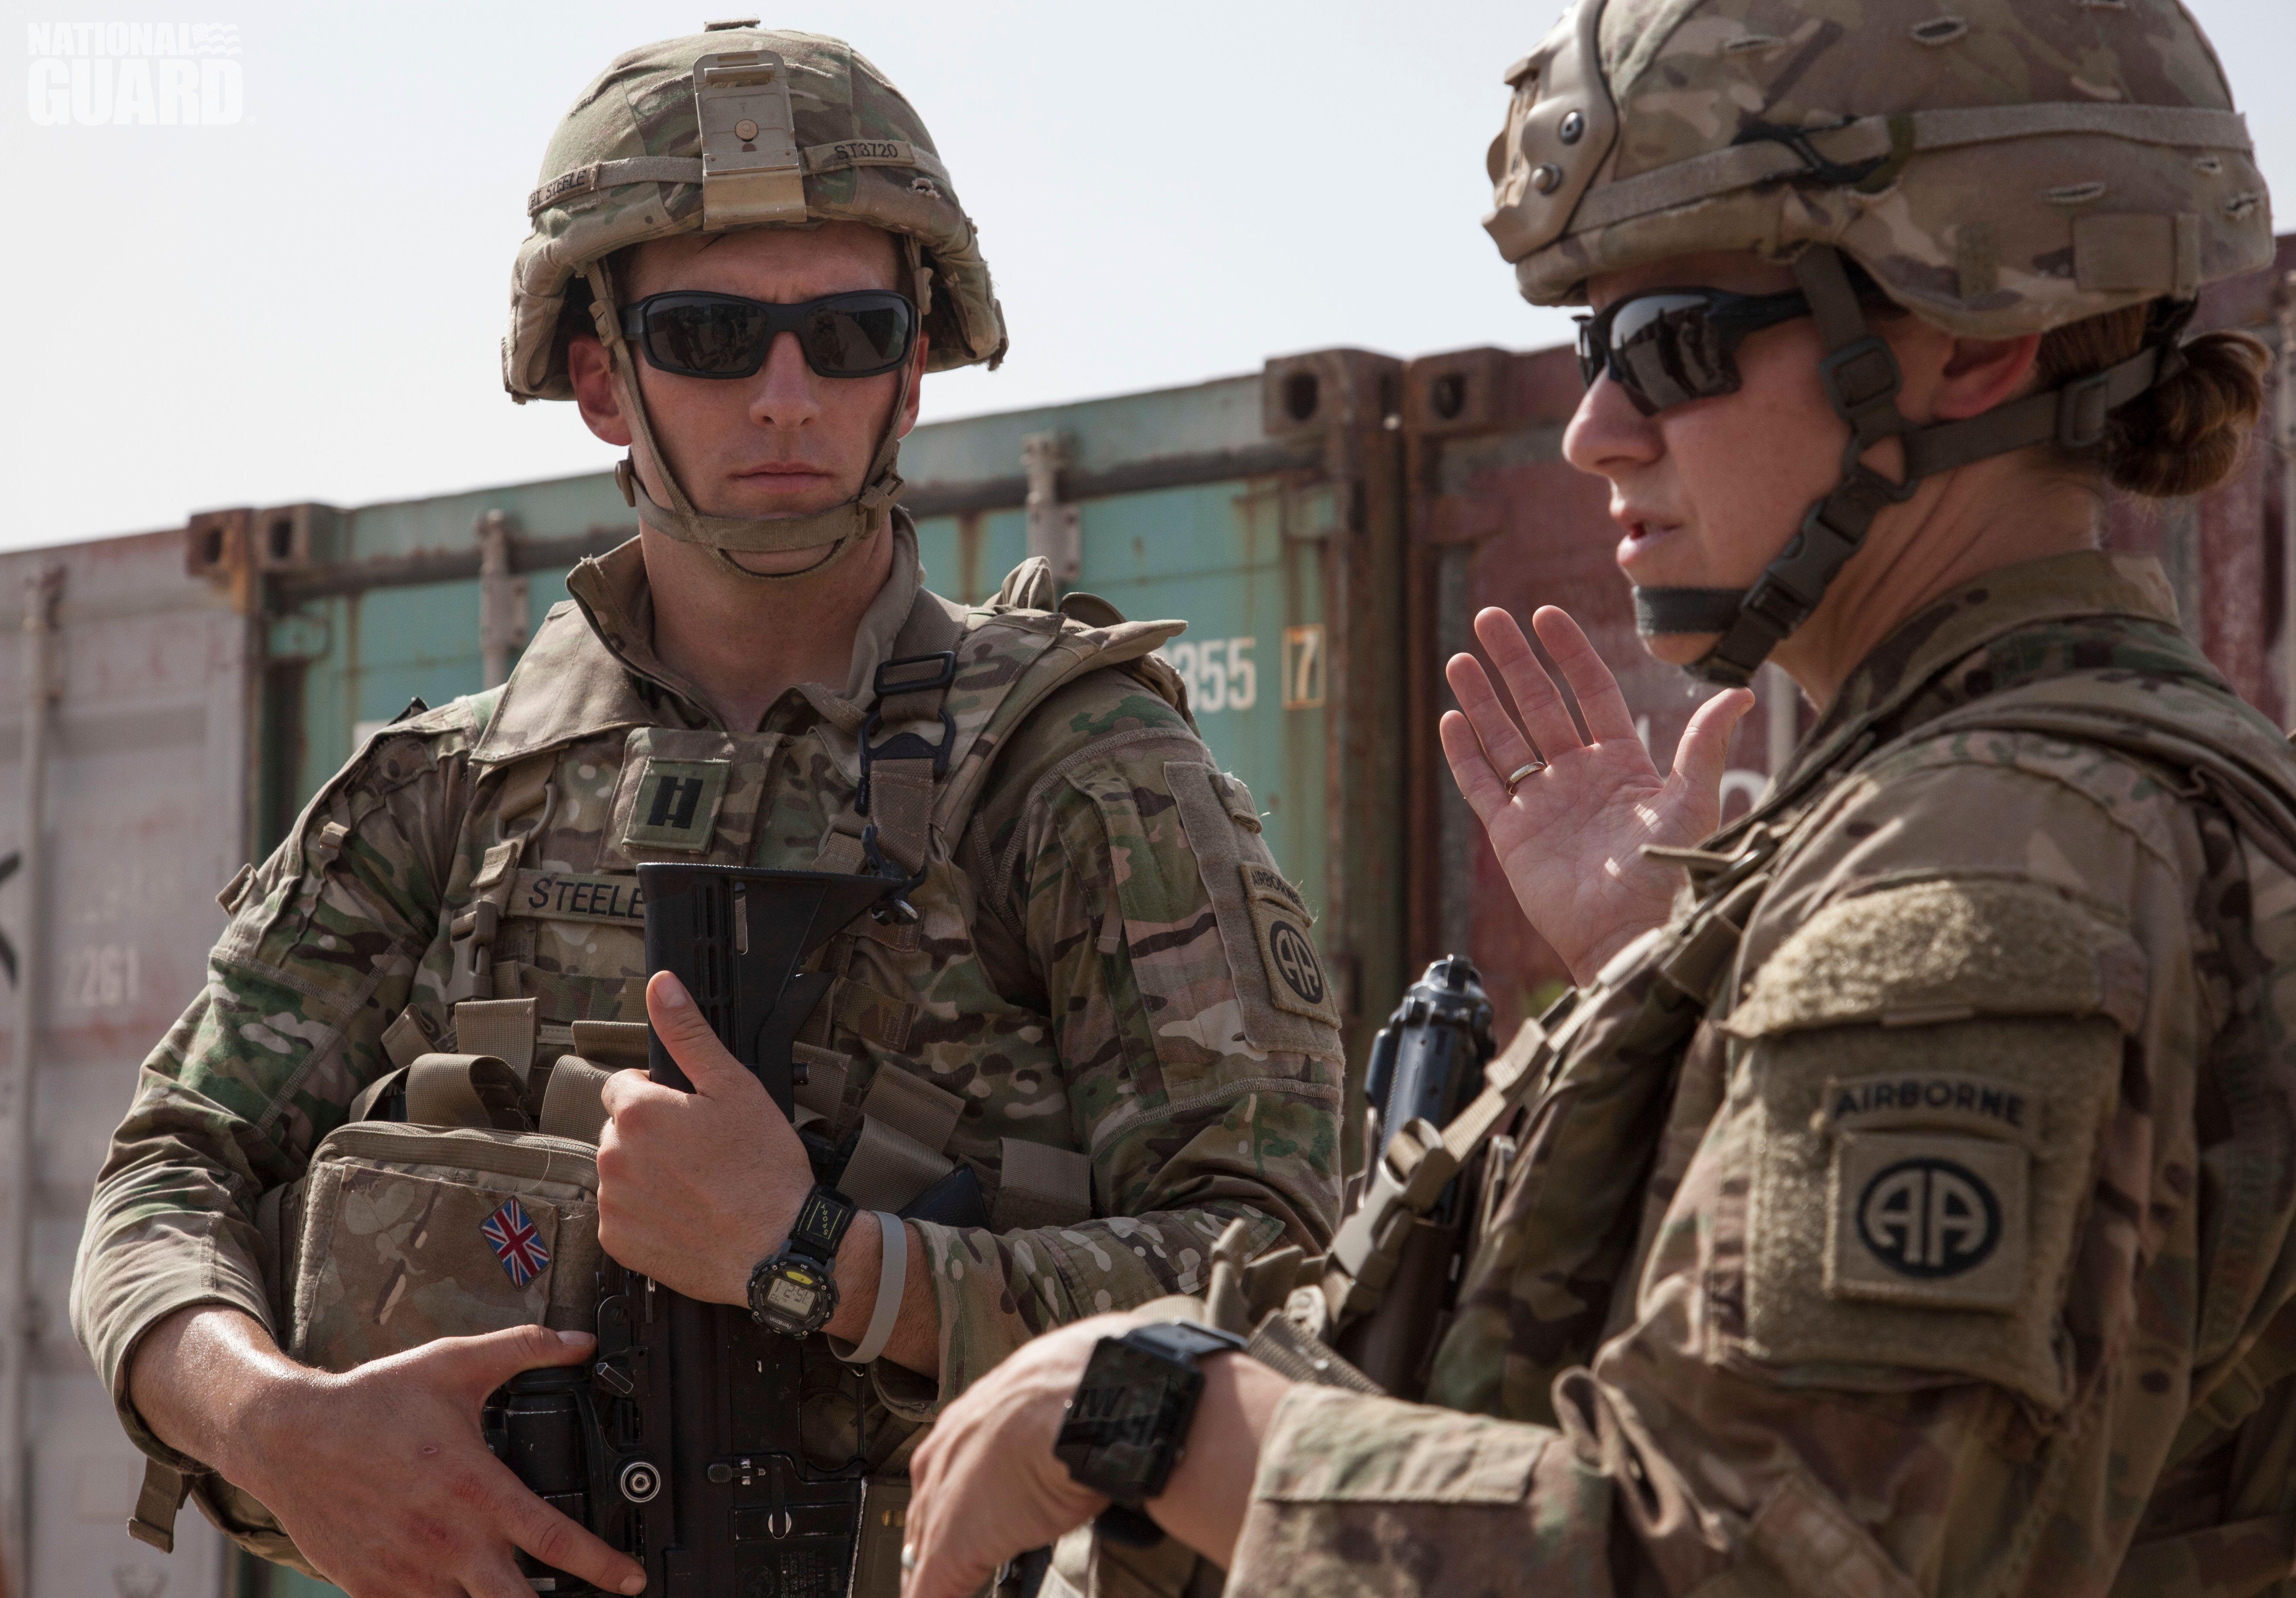 Pin On Guard Careers